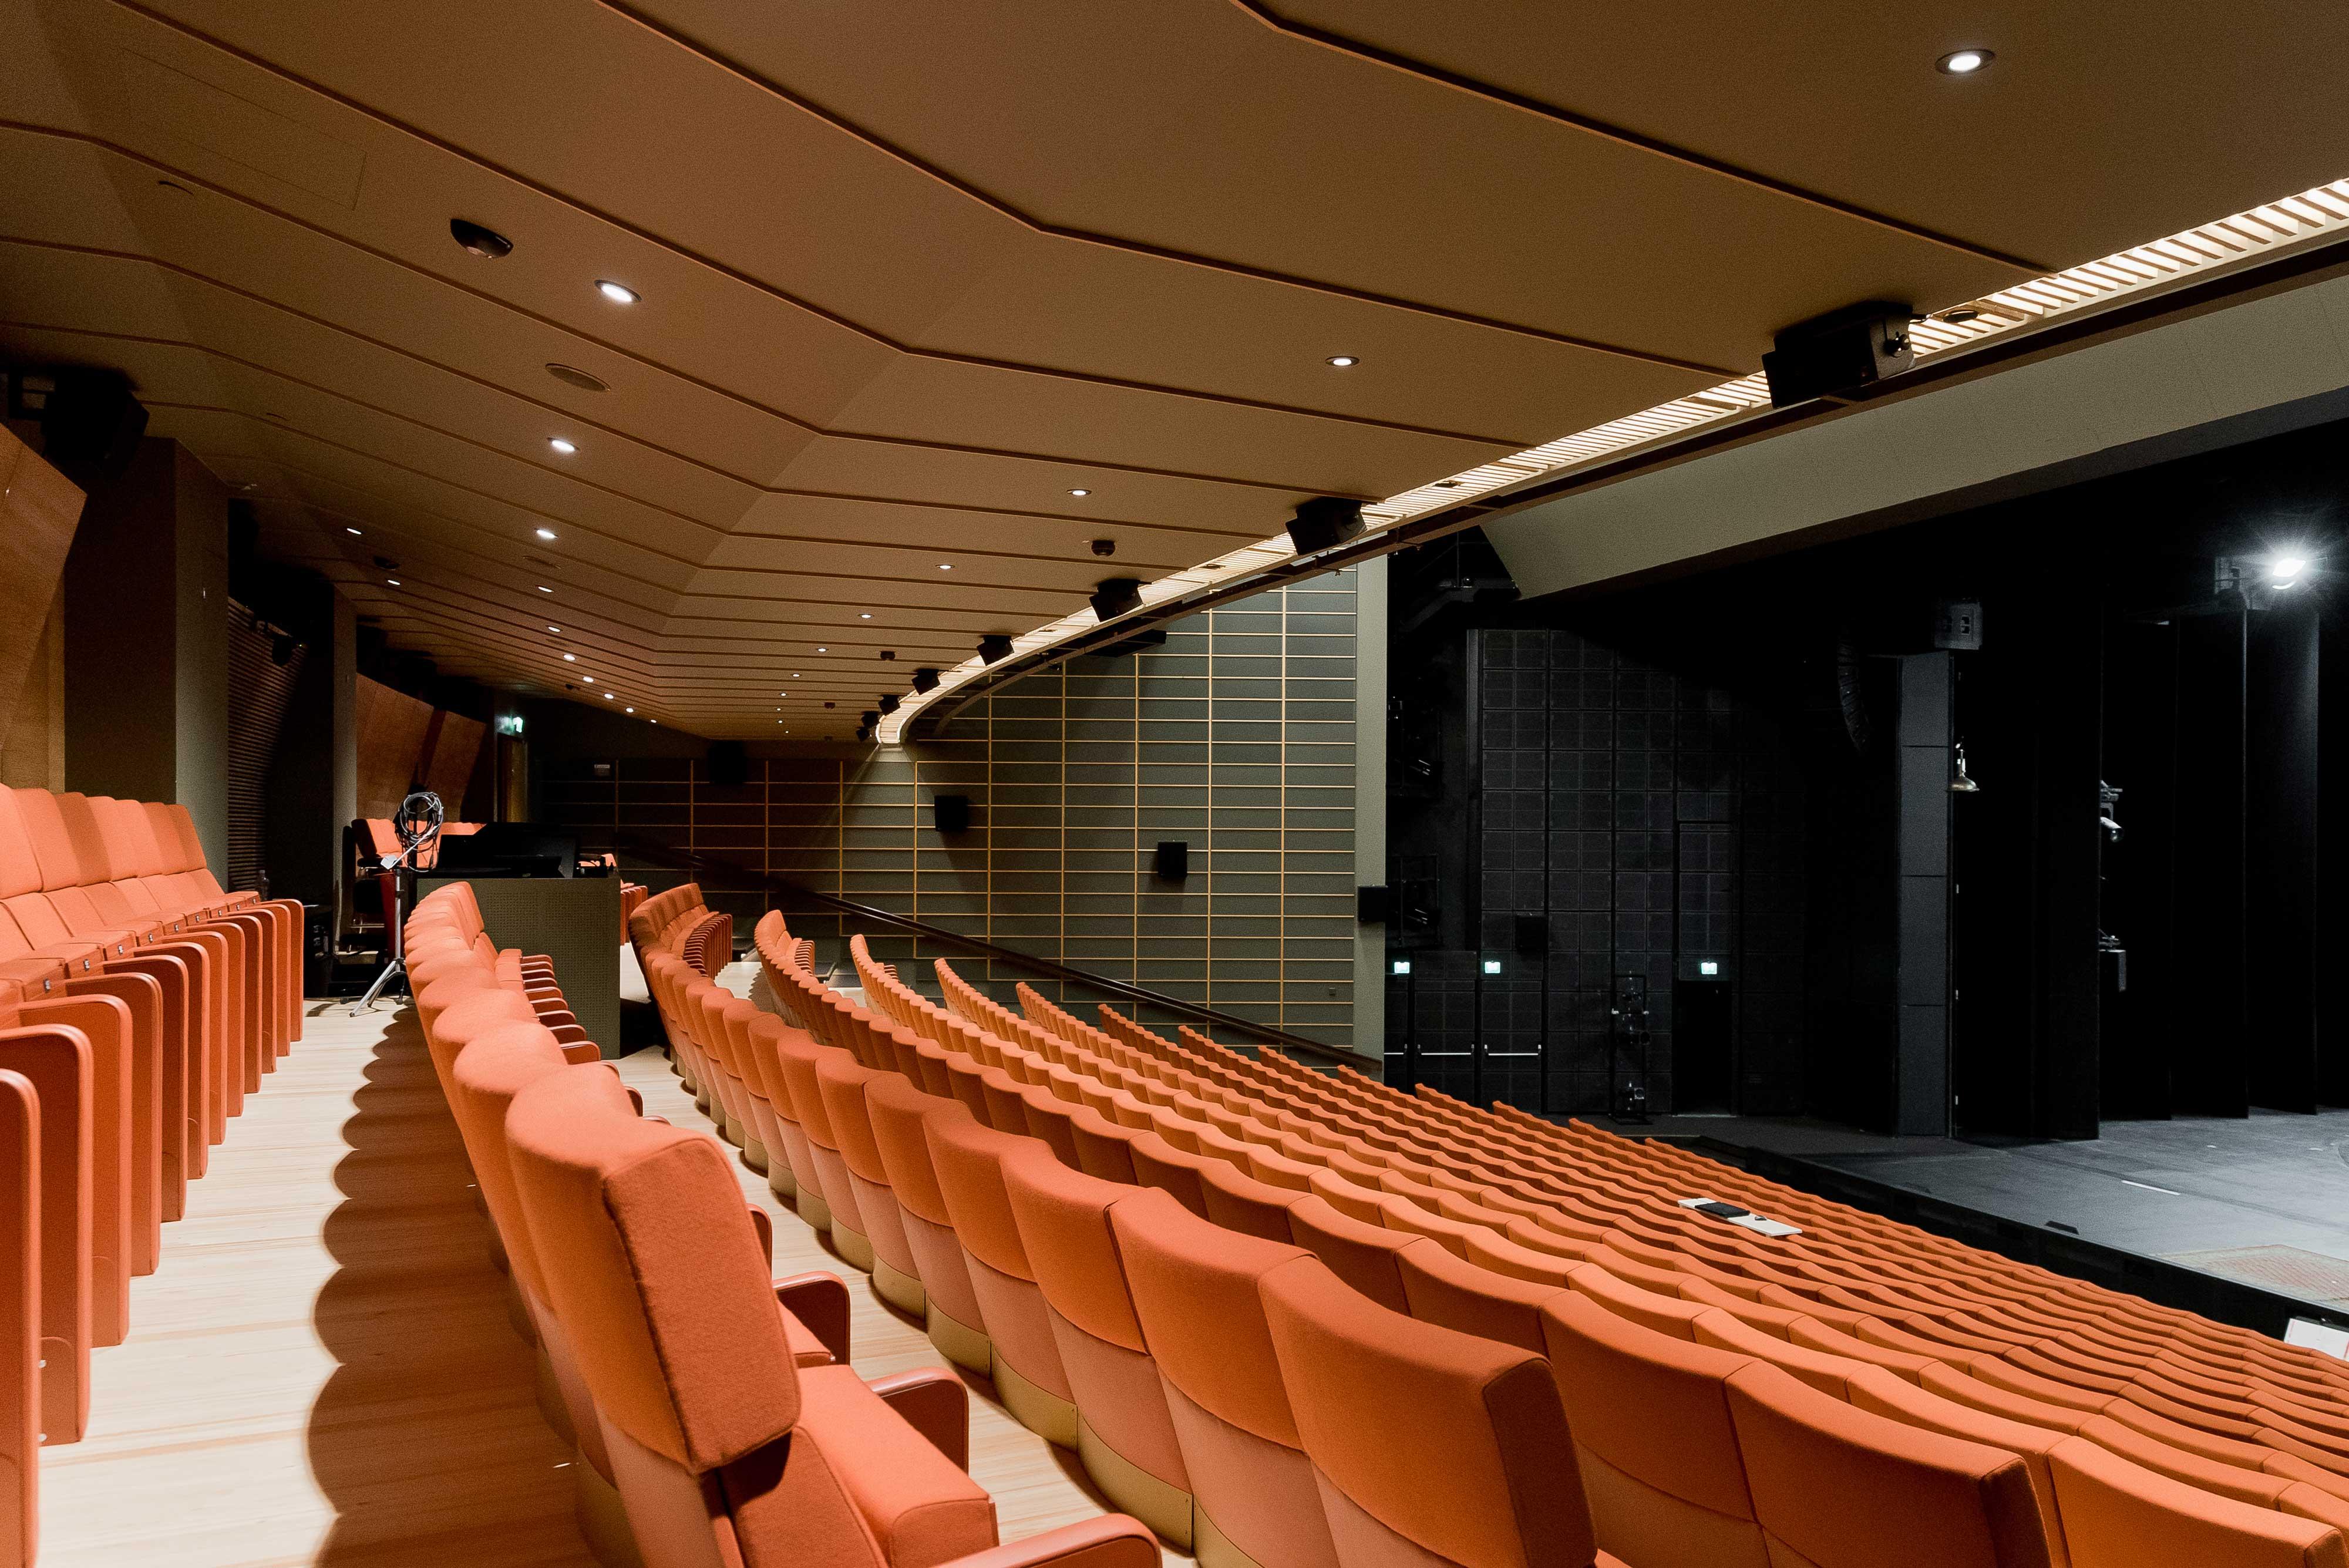 Turun kaupunginteatterin sisäverhoukset nykyaikaistettiin, mutta vanhasta tyylistä pidettiin kiinni.